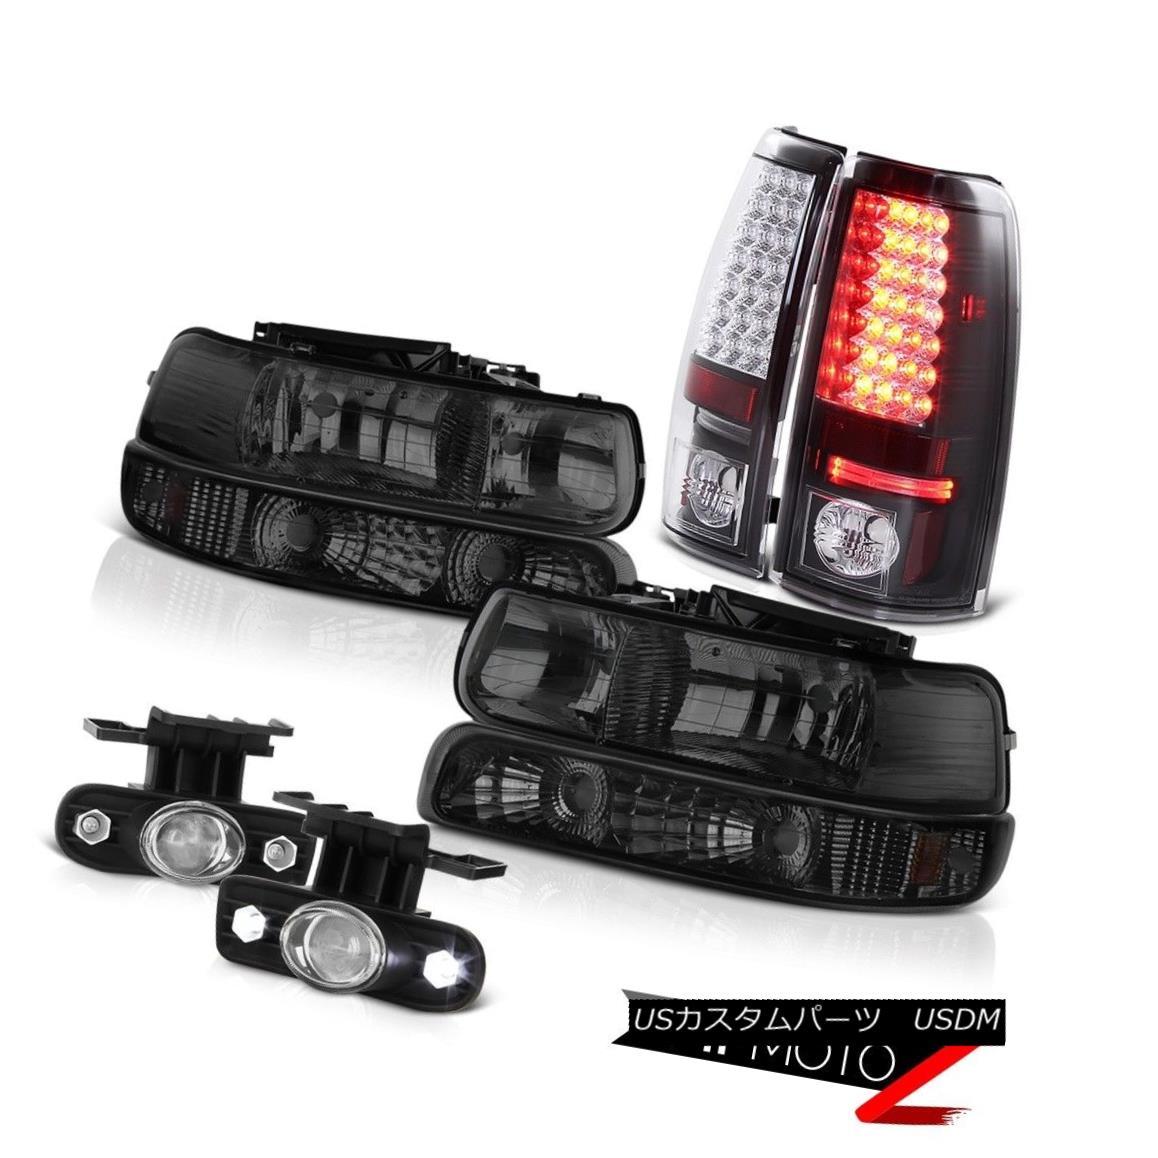 ヘッドライト Bumper+Headlights SMD Tail Lights Black Projector Euro Fog 99-02 Silverado 4WD バンパー+ヘッドリッグ hts SMDテールライトブラックプロジェクターユーロフォグ99-02 Silverado 4WD